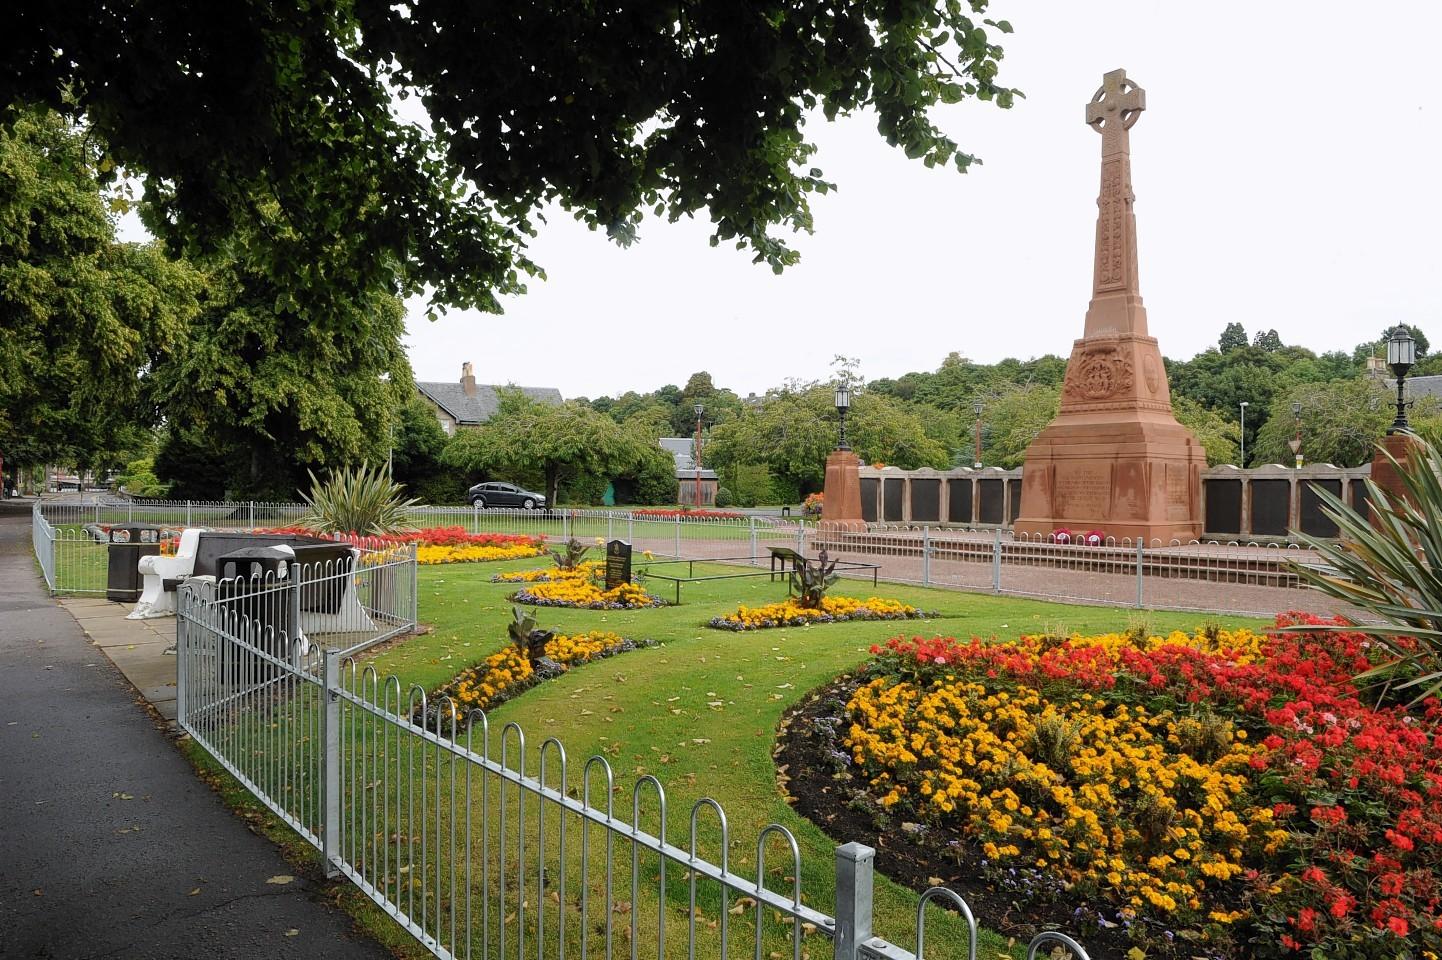 Cavell Gardens war memorial